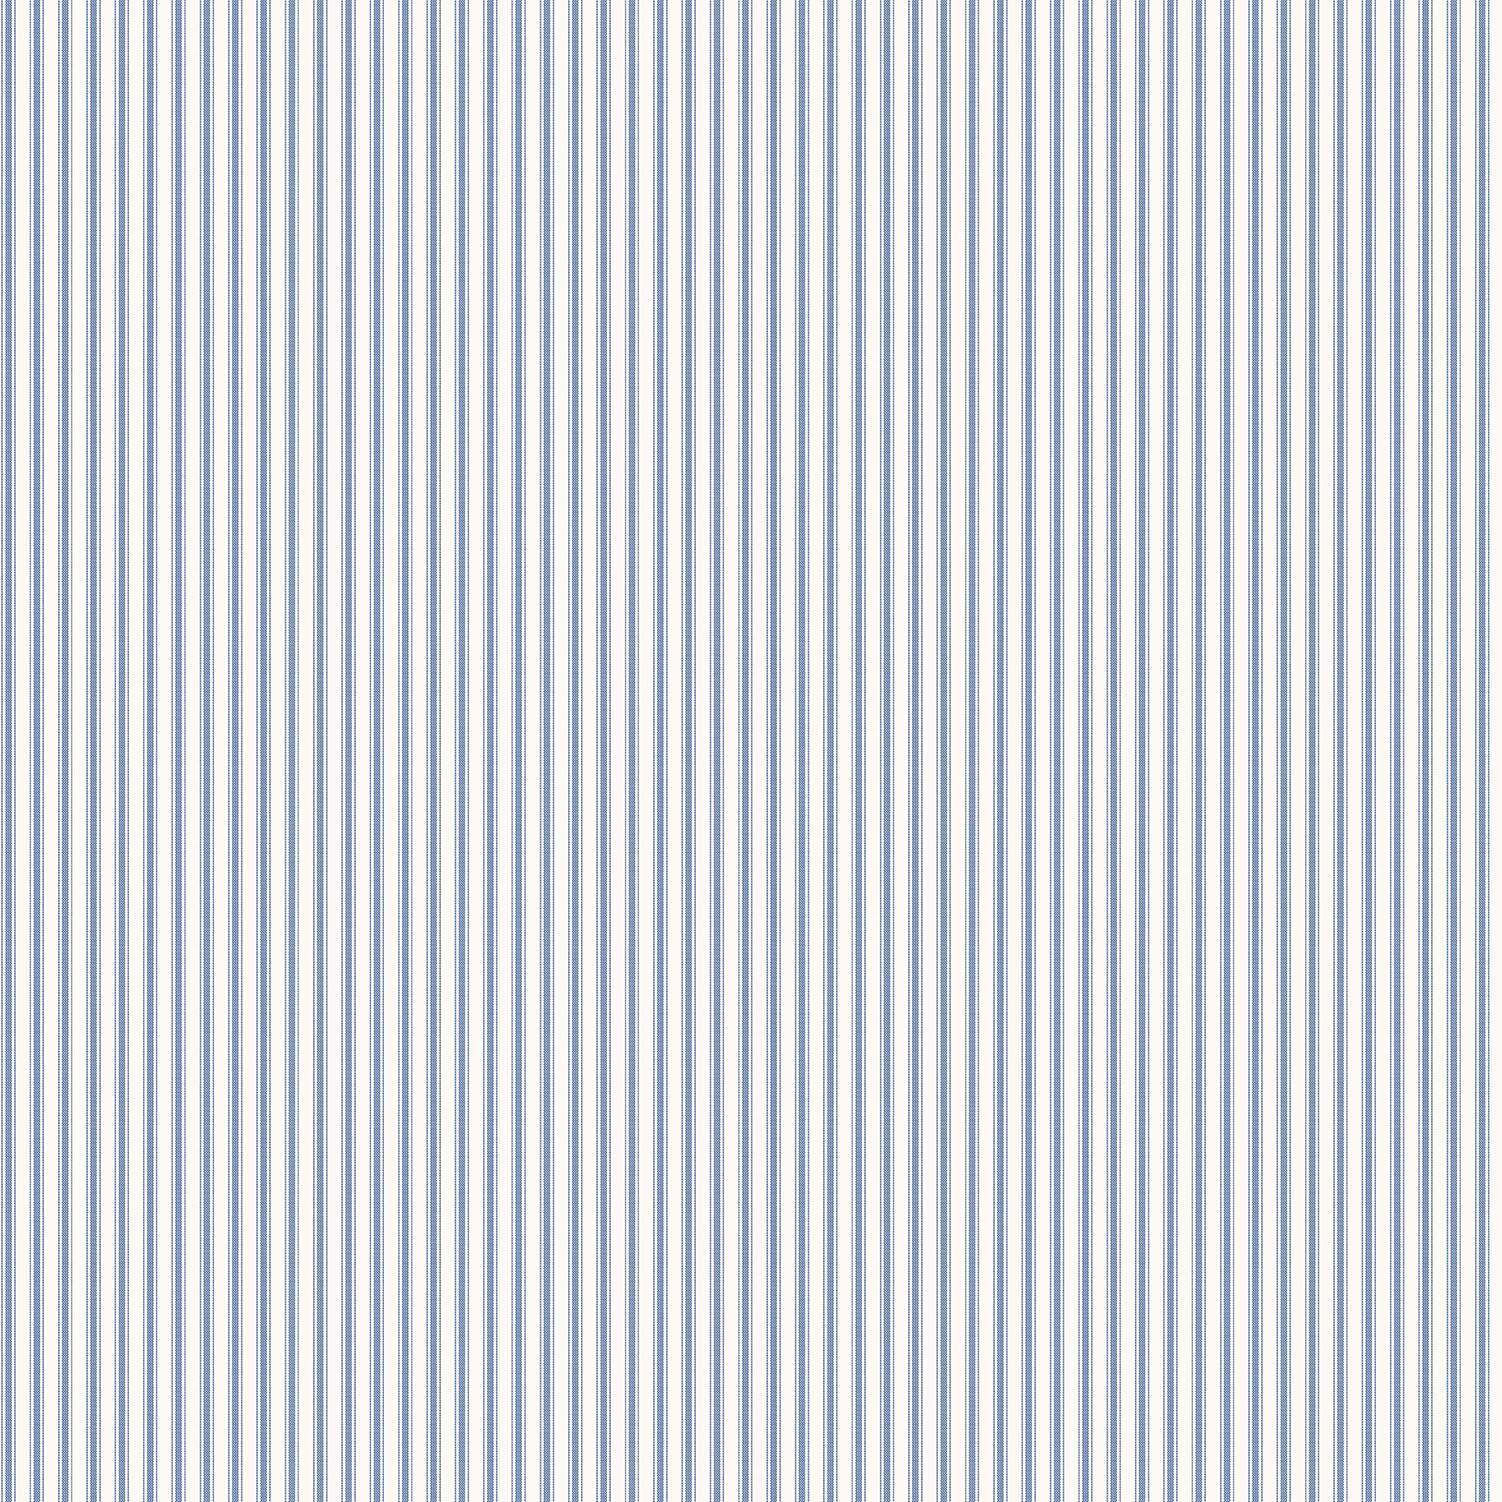 blå og hvid stribet tapet